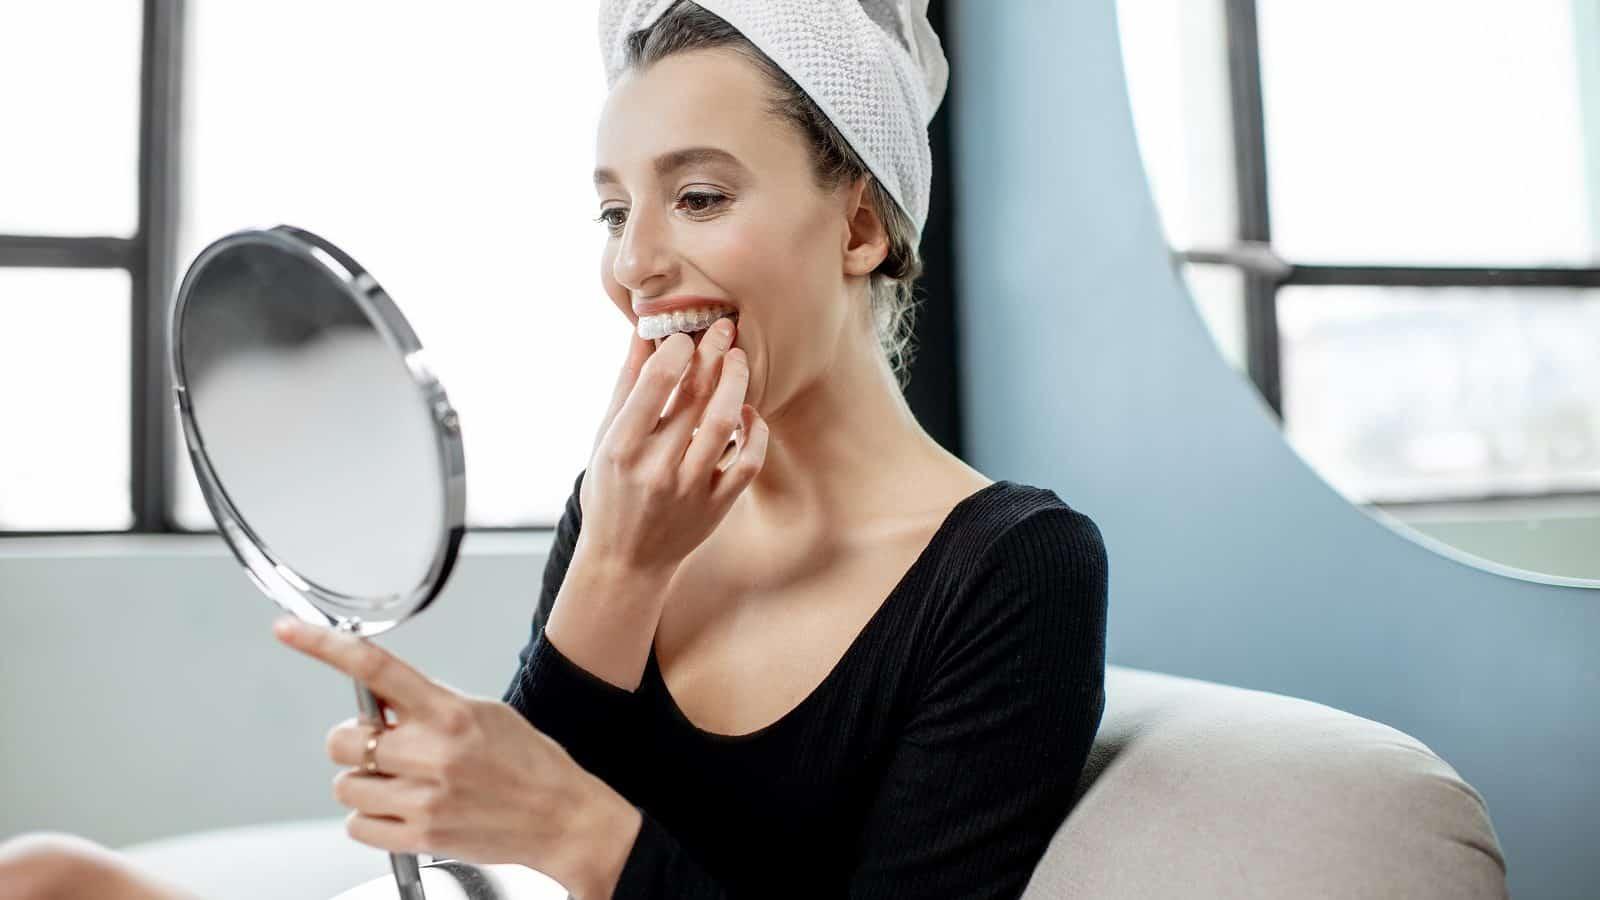 Best Home Teeth Aligners